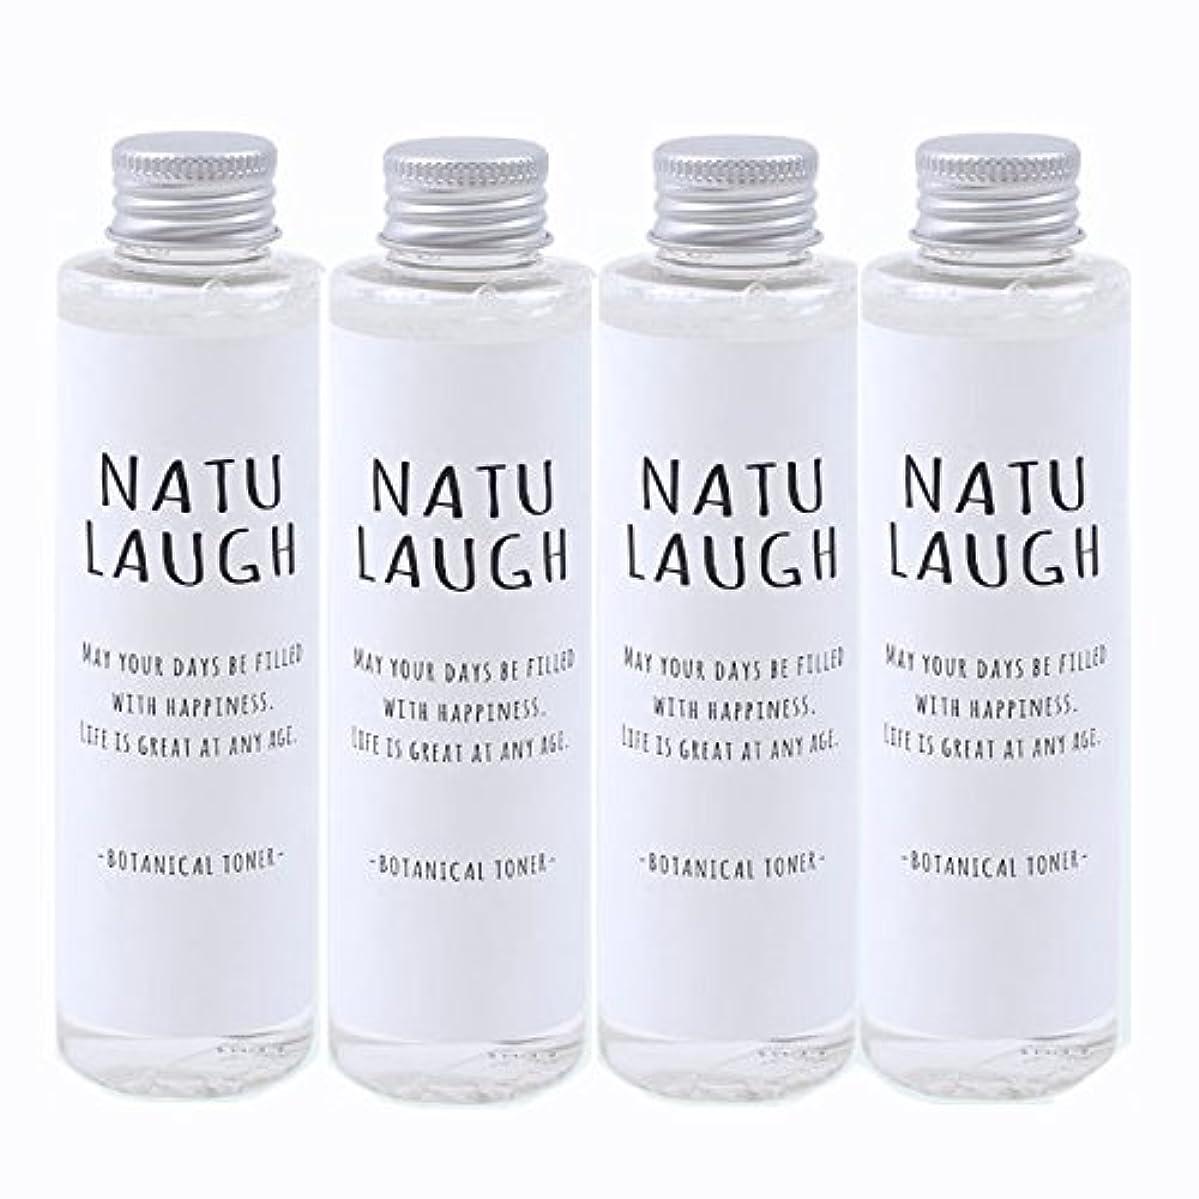 ウイルスホールドオール補体NATU LAUGH ボタニカル 化粧水 150ml - BOTANICAL TONER - (4個)